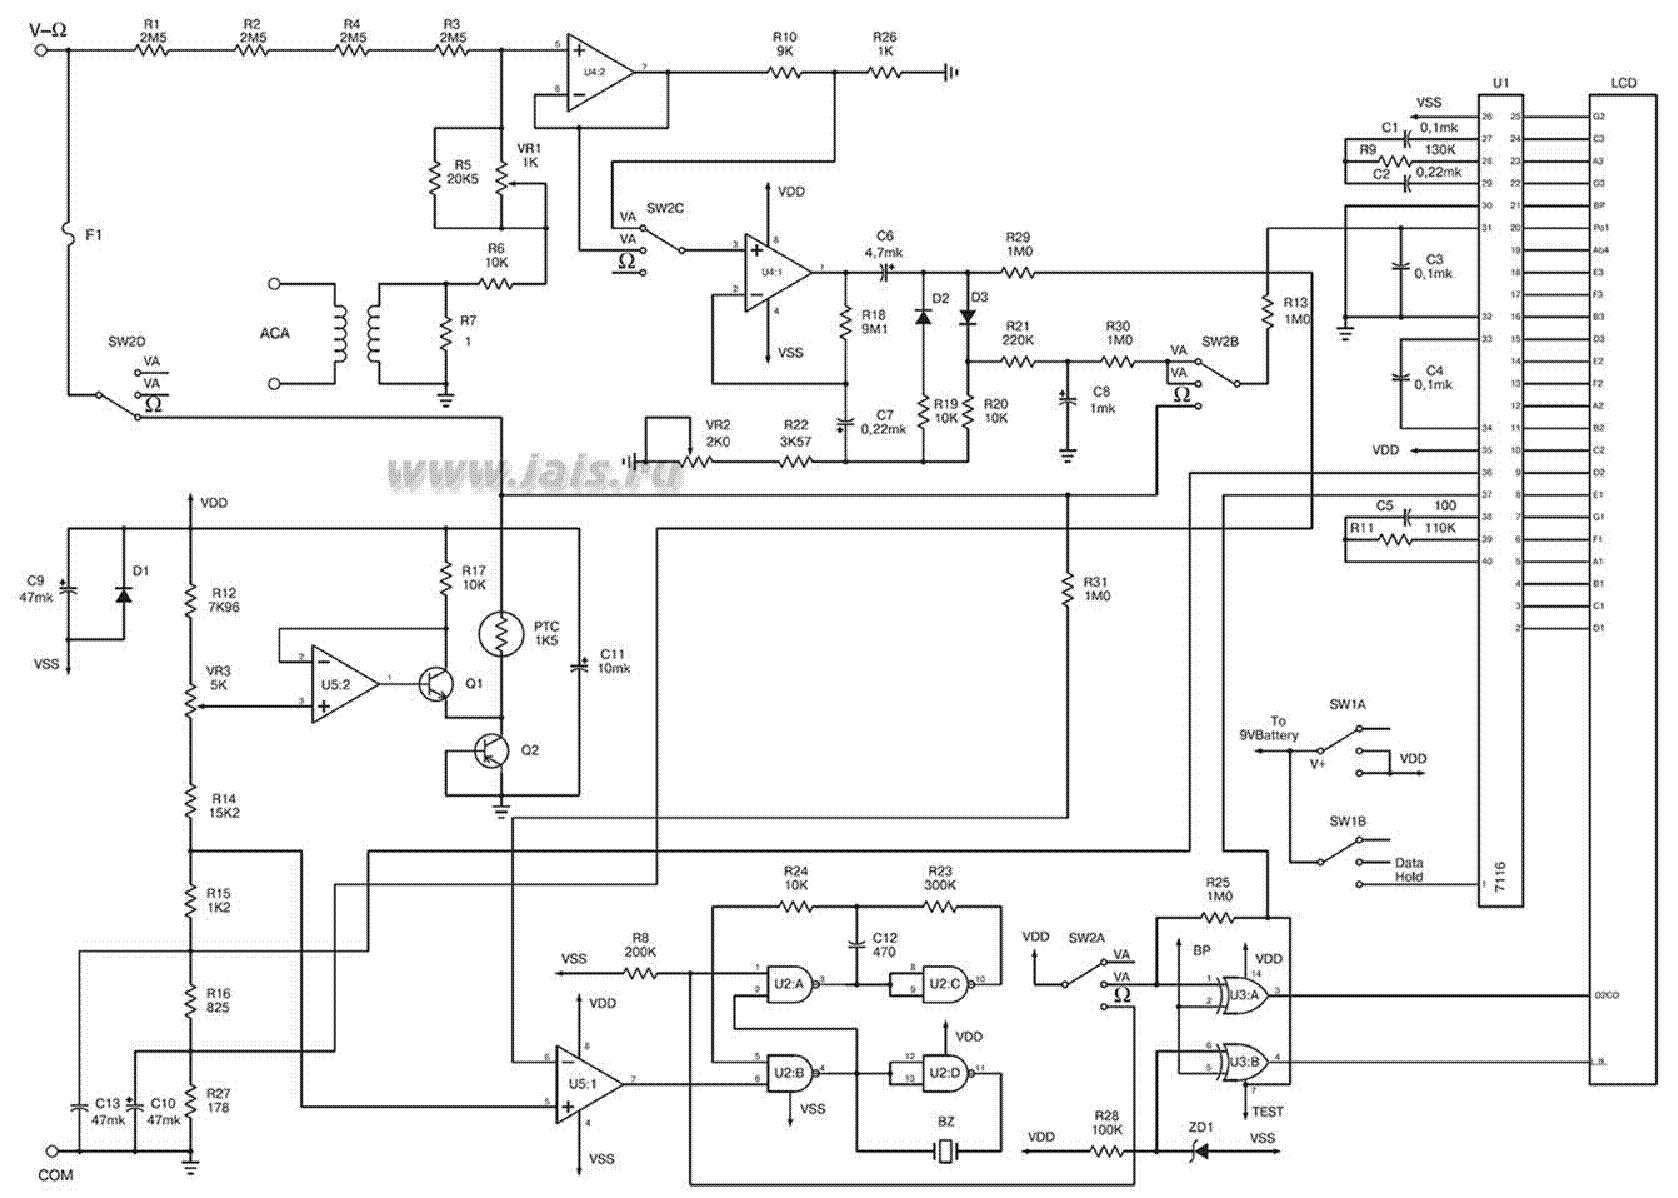 Multimeter M890c Plusz Sch Service Manual Download